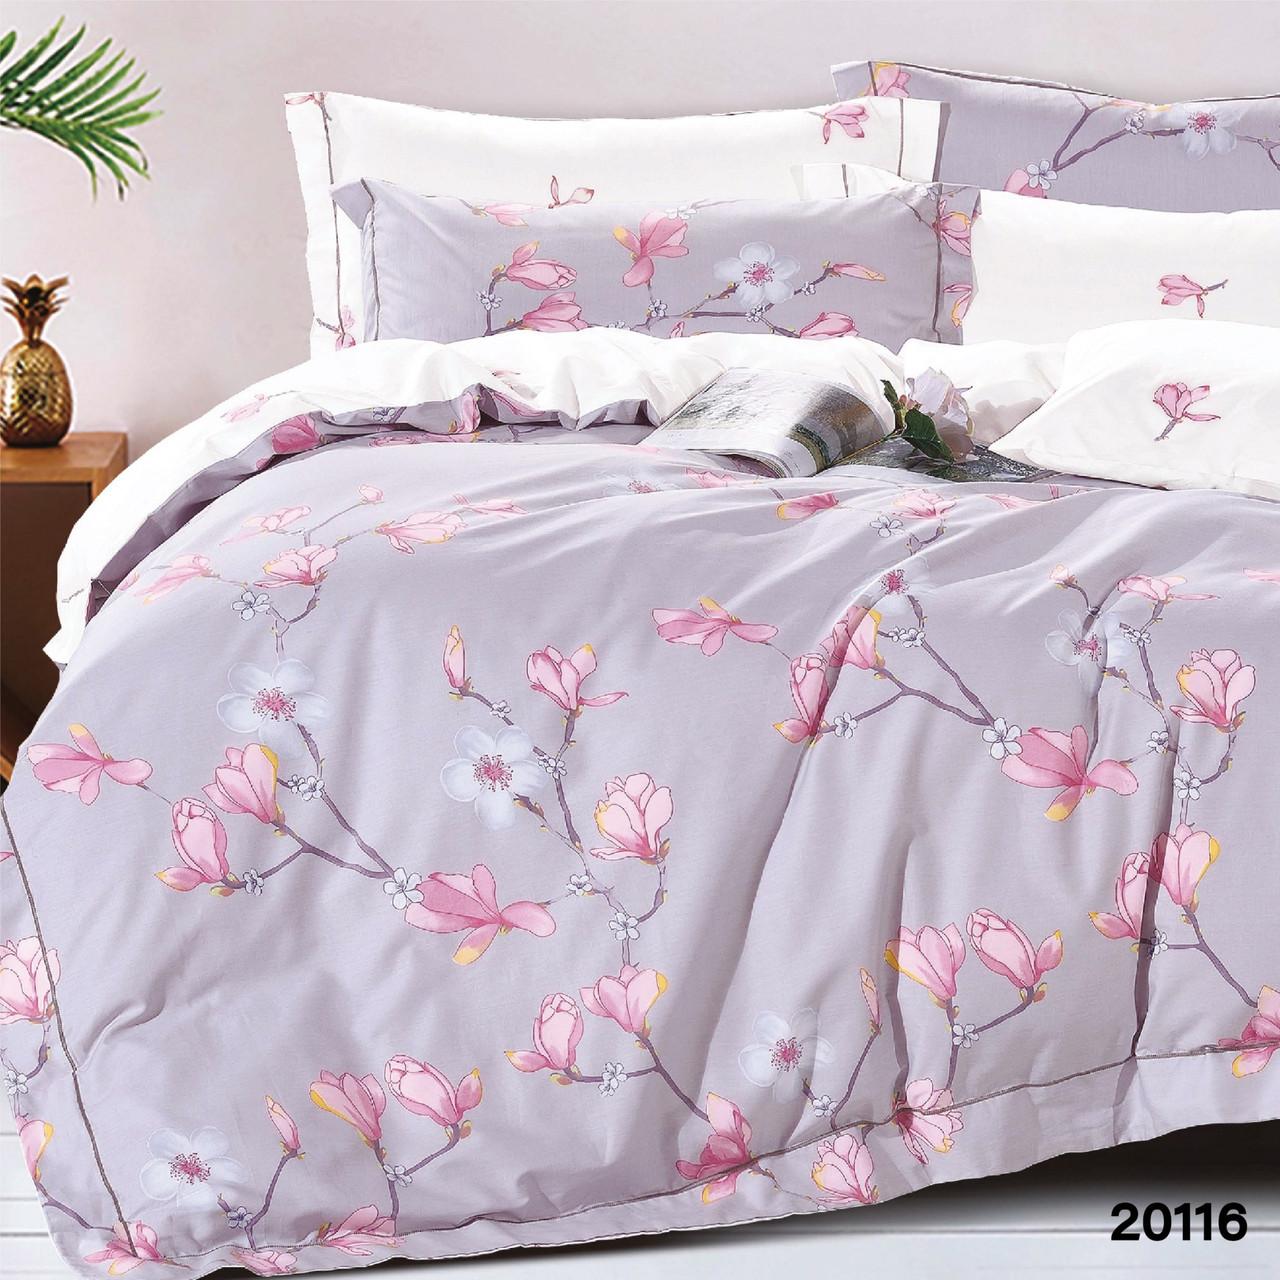 Viluta Комплект постельного белья вилюта 20116